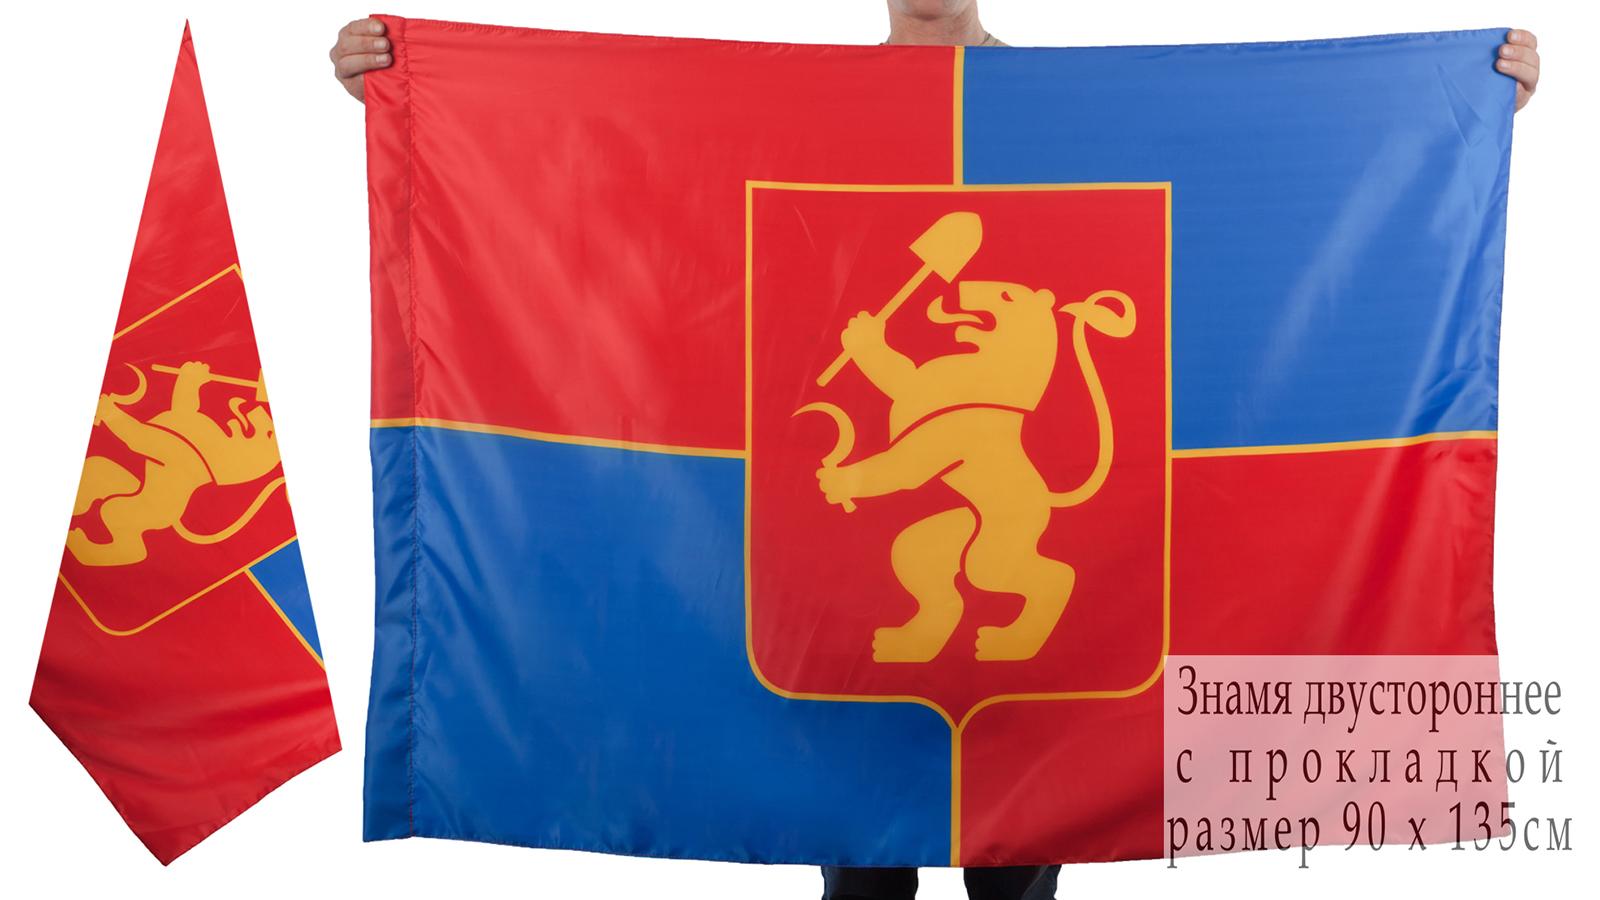 Двухсторонний флаг Красноярска